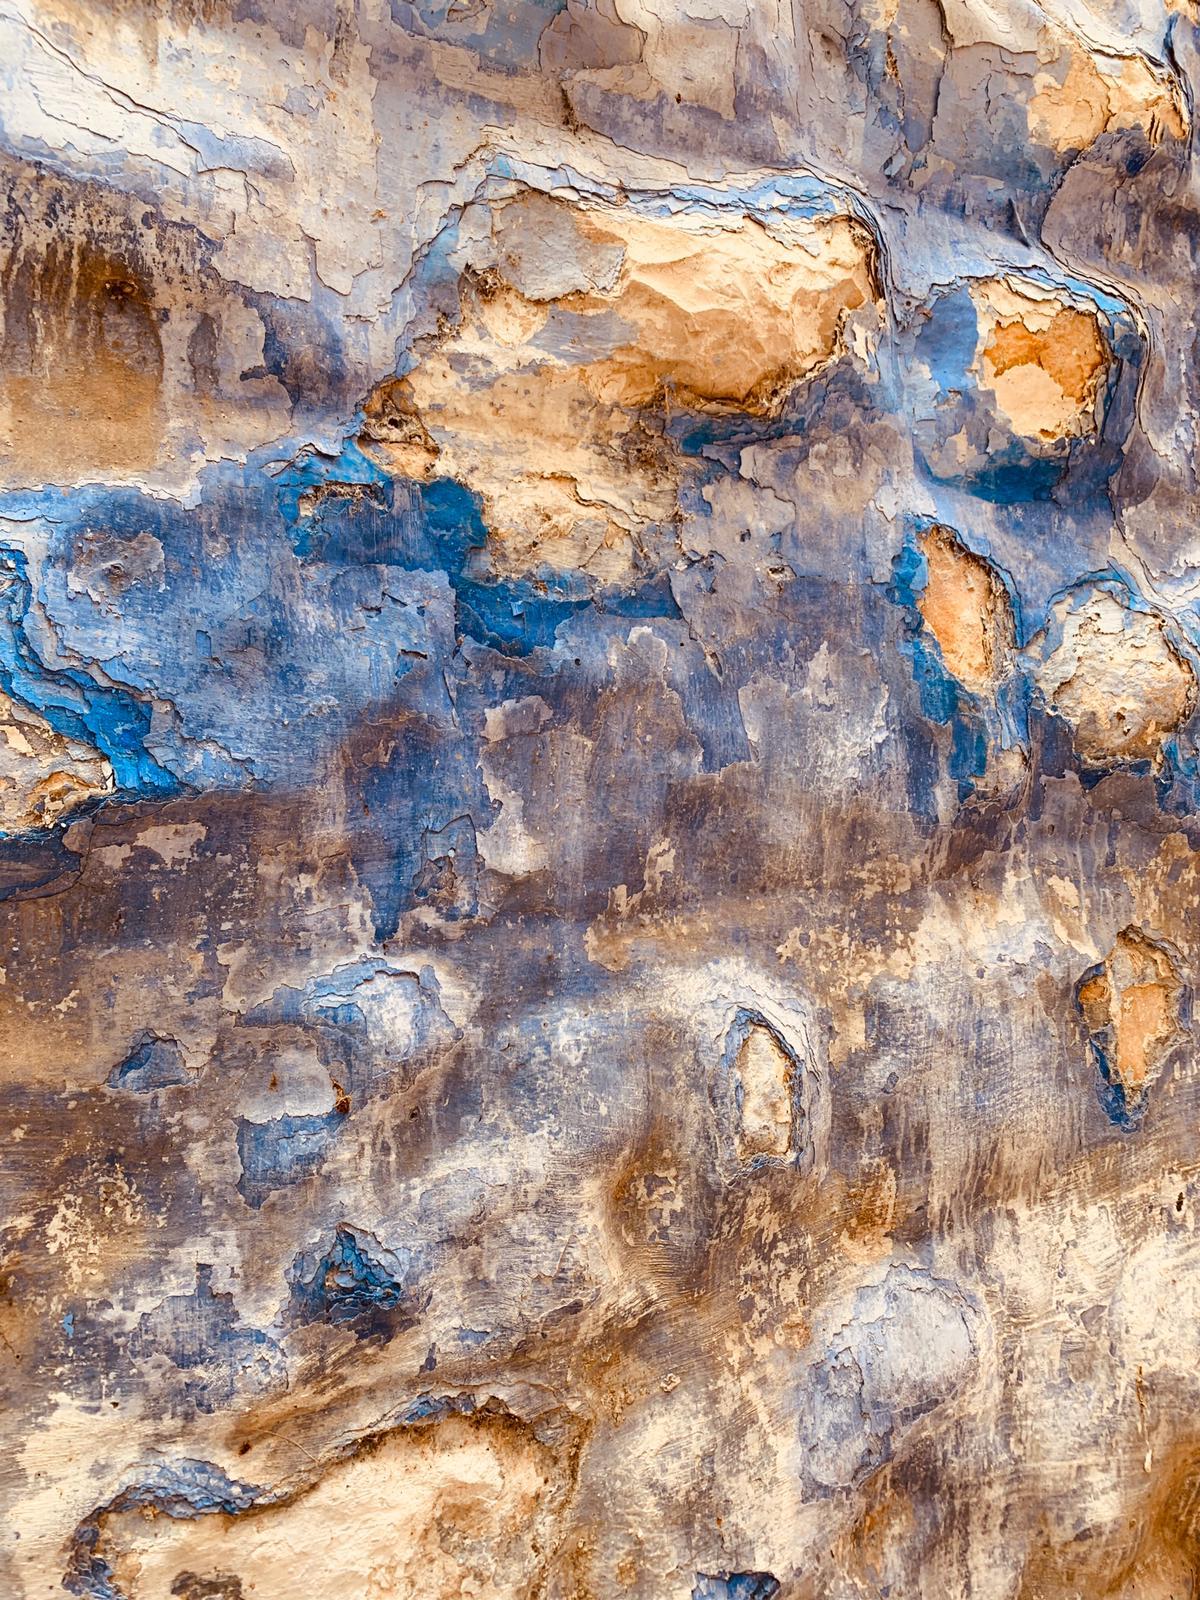 Mura di colore azzurro